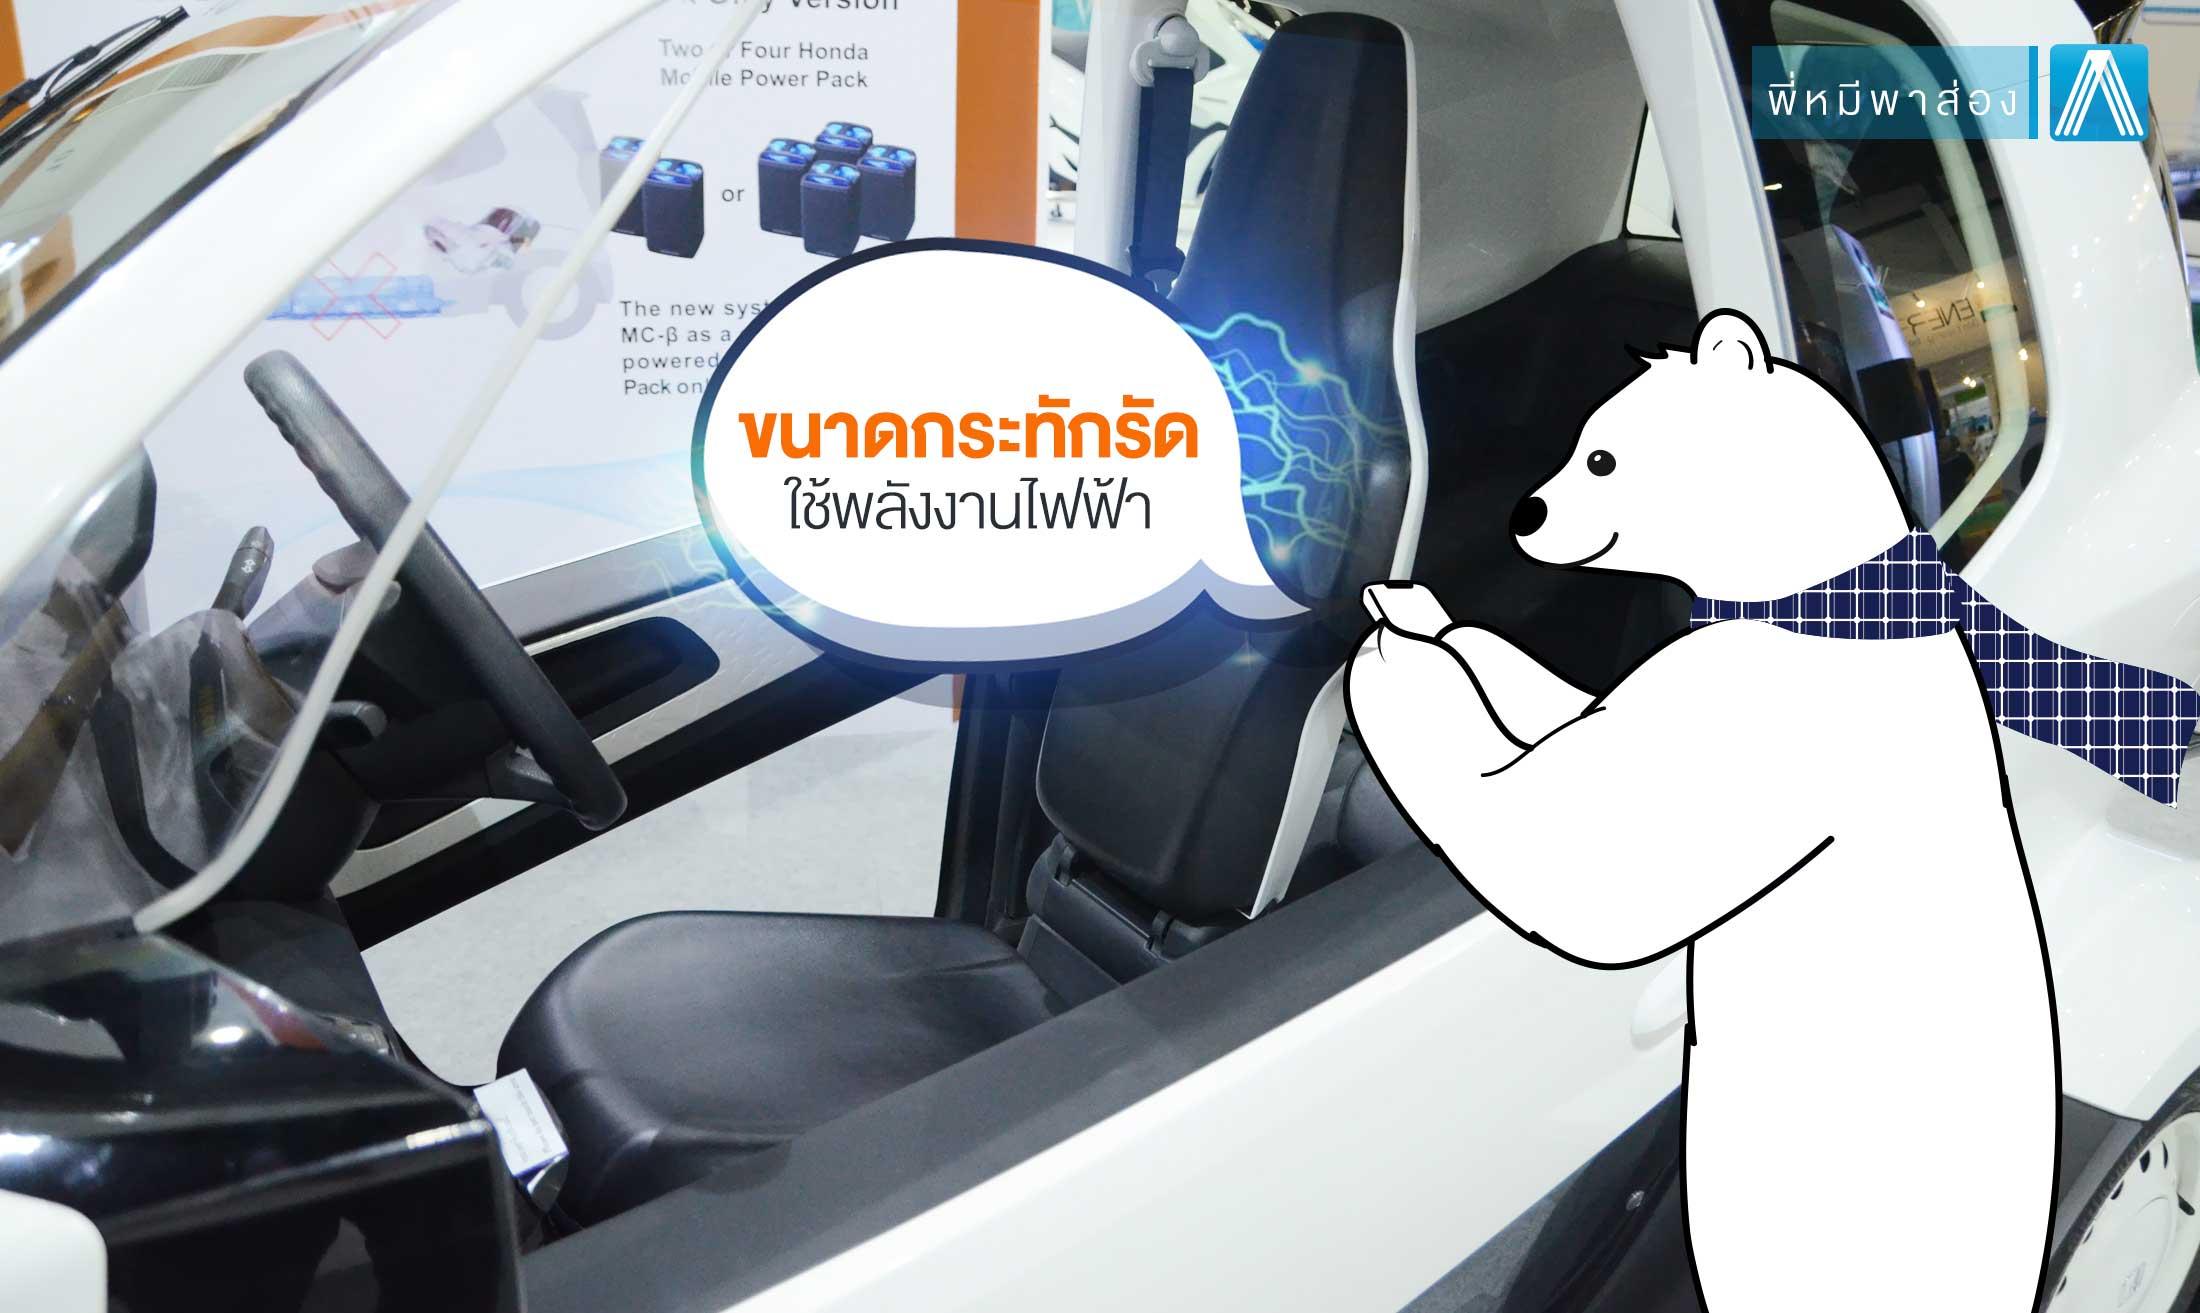 รถยนต์ไฟฟ้า-ค่าย-Honda-โดยพี่หมีโซล่าเซลล์